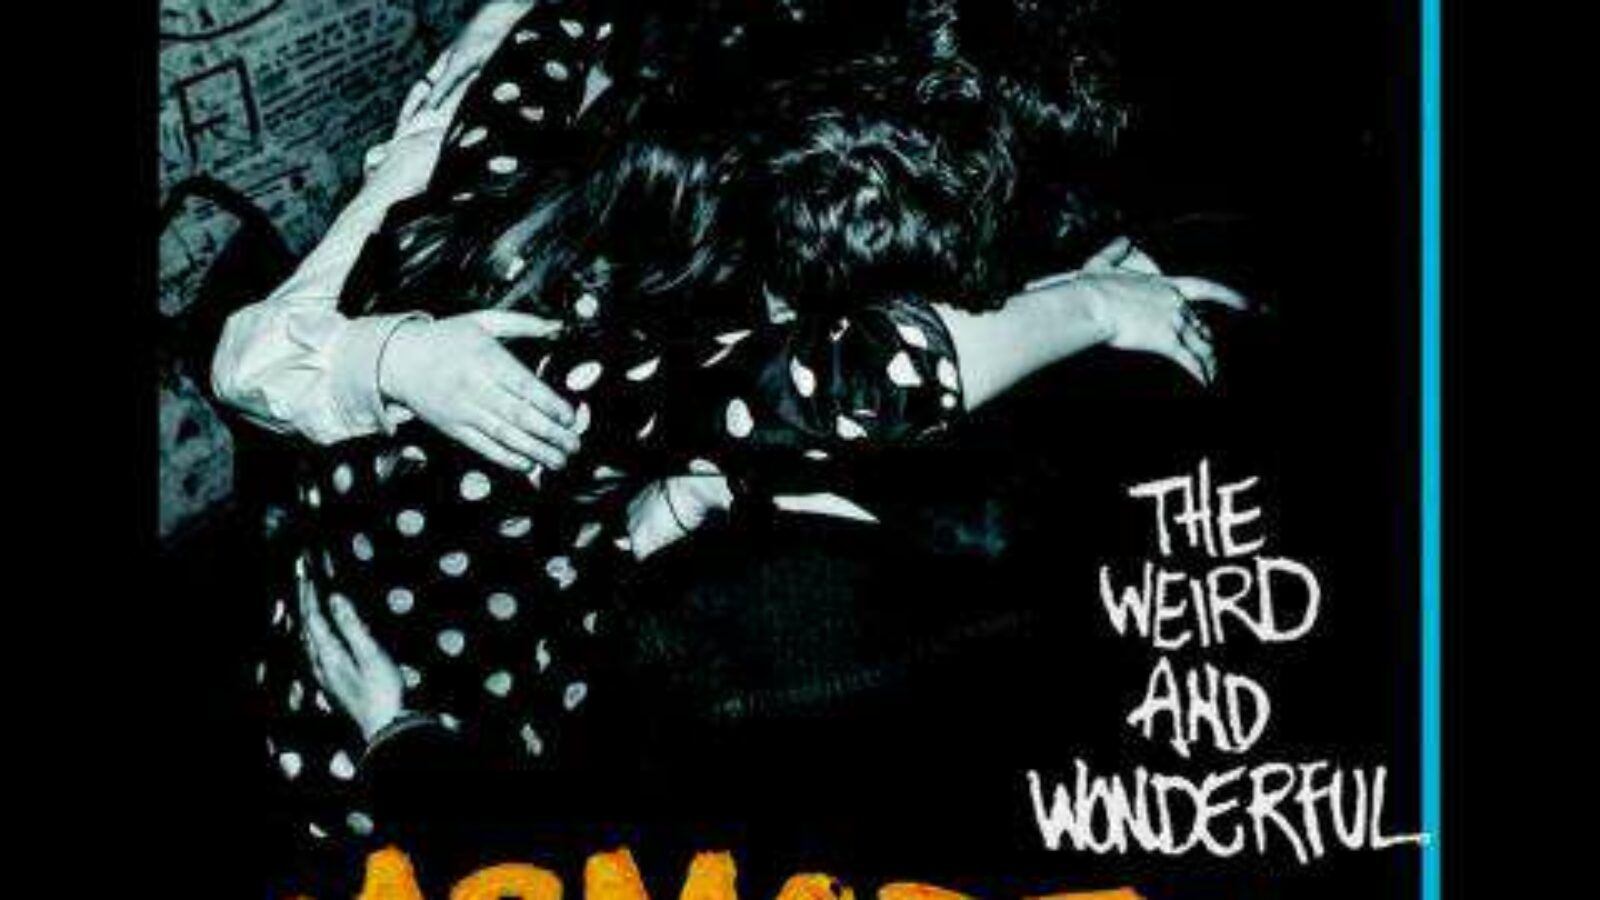 MARMOZETS – The Weird And Wonderful Marmozets